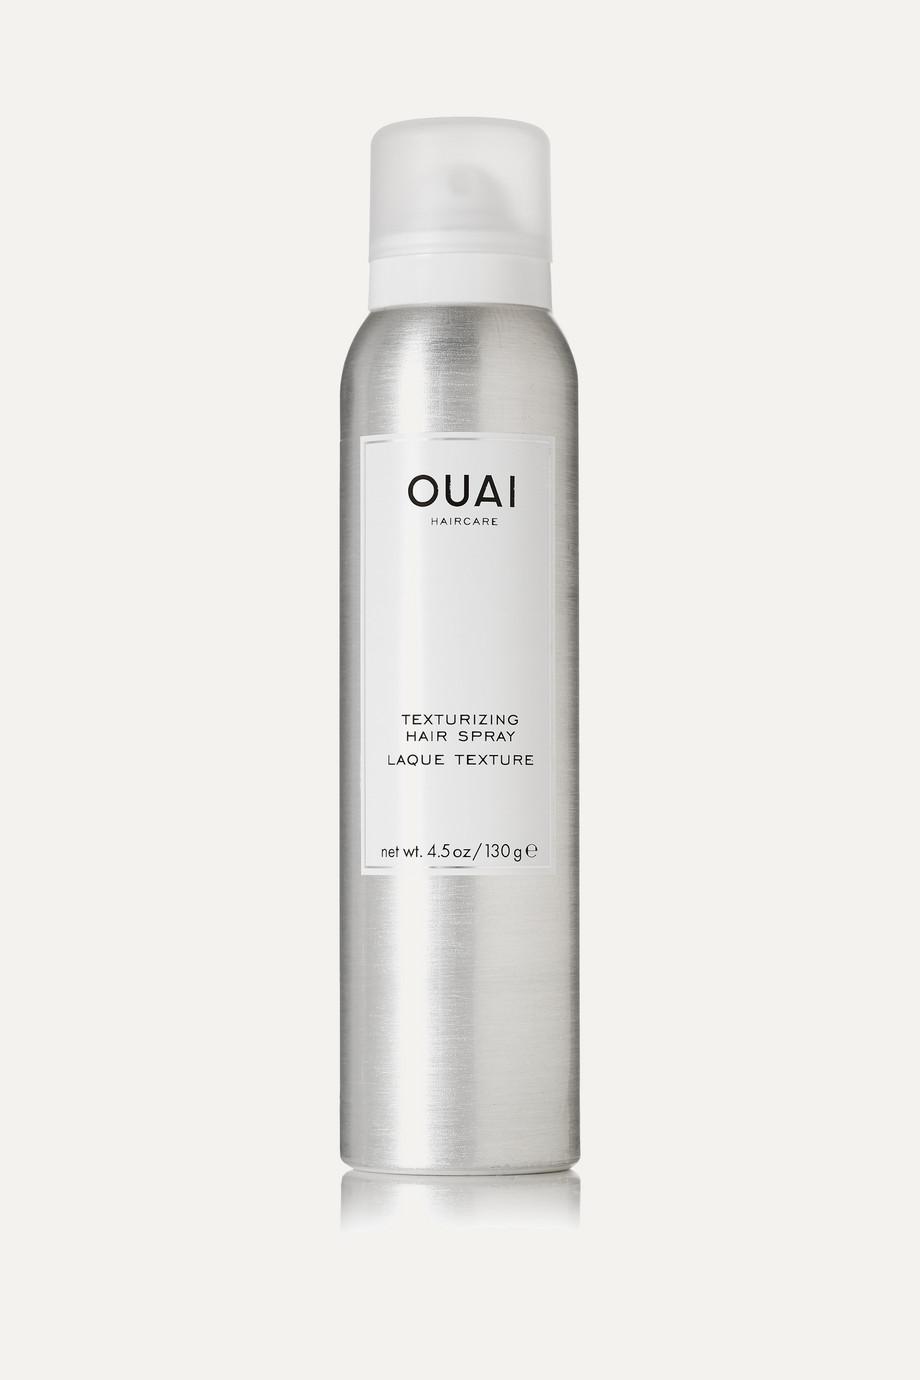 OUAI Haircare Texturizing Hair Spray, 130g